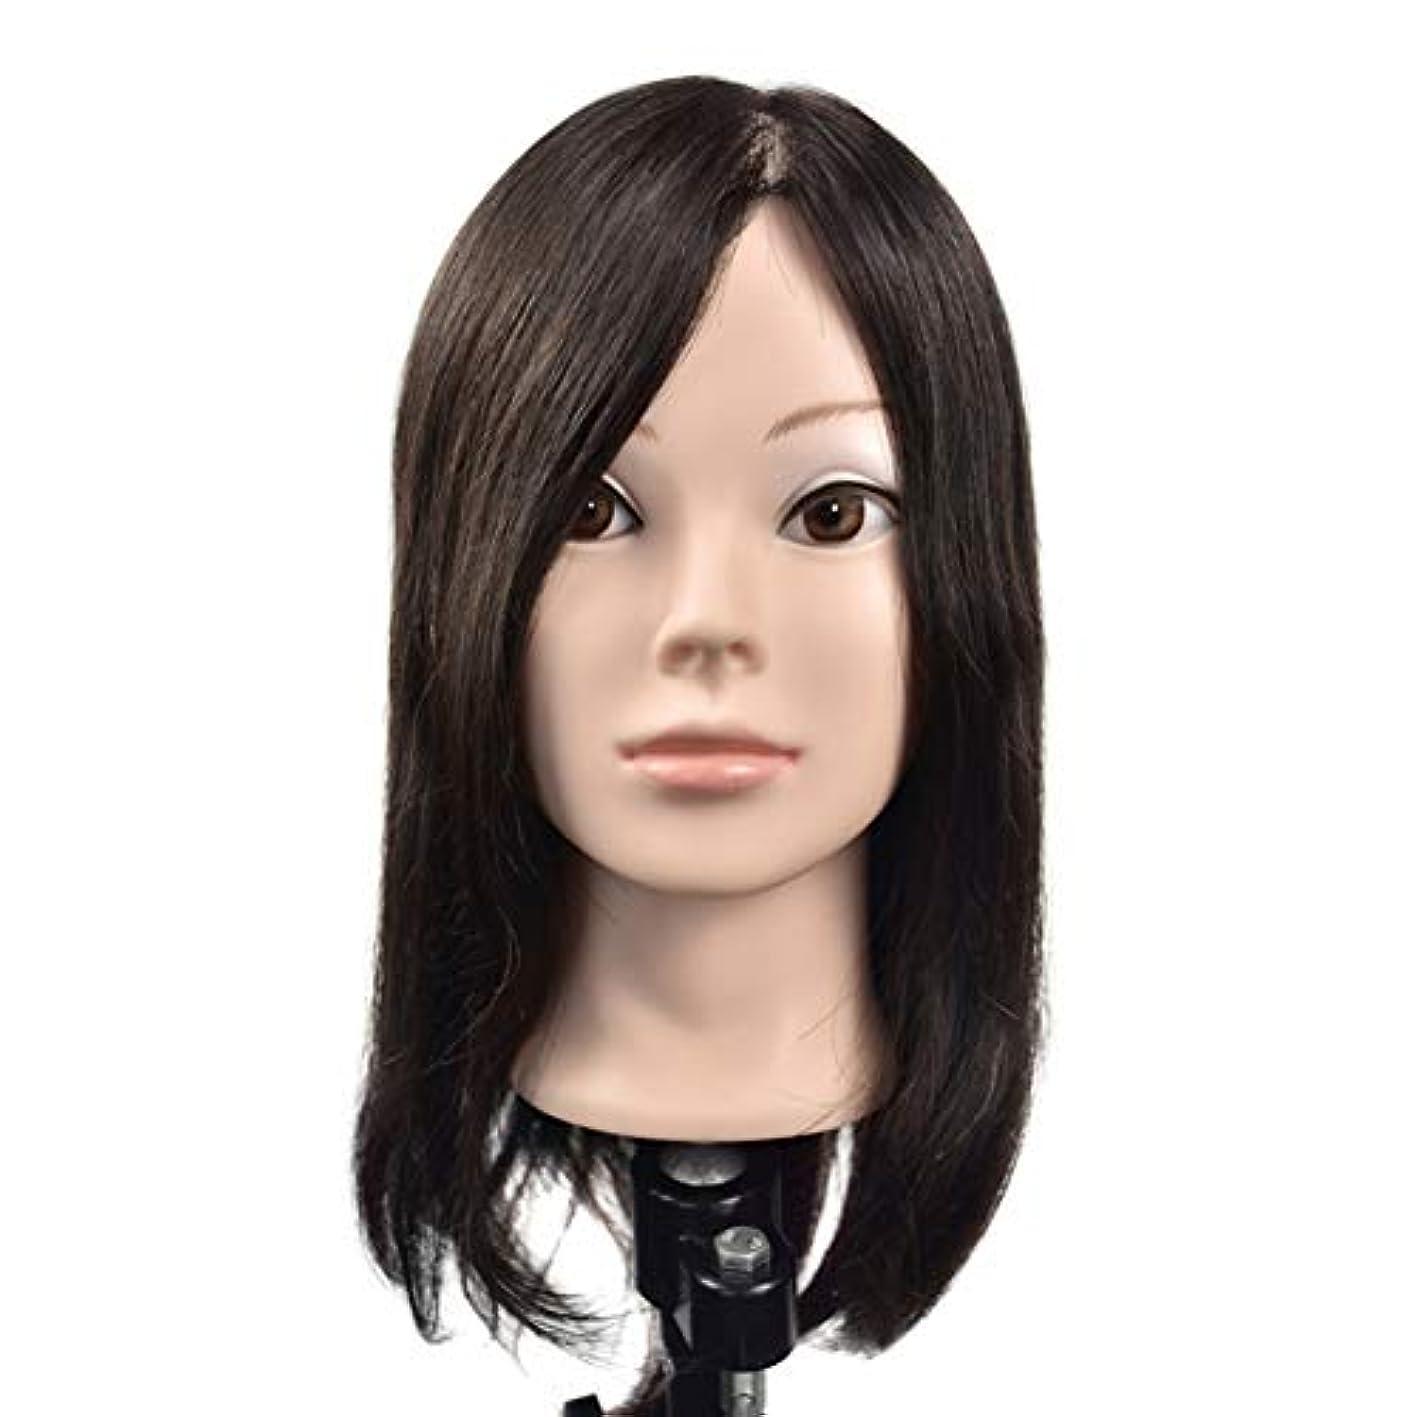 パイ問い合わせる興味リアルヘアースタイリングモデルヘッド女性モデル頭ティーチングヘッド理髪店編組髪染め学習ダミーヘッド